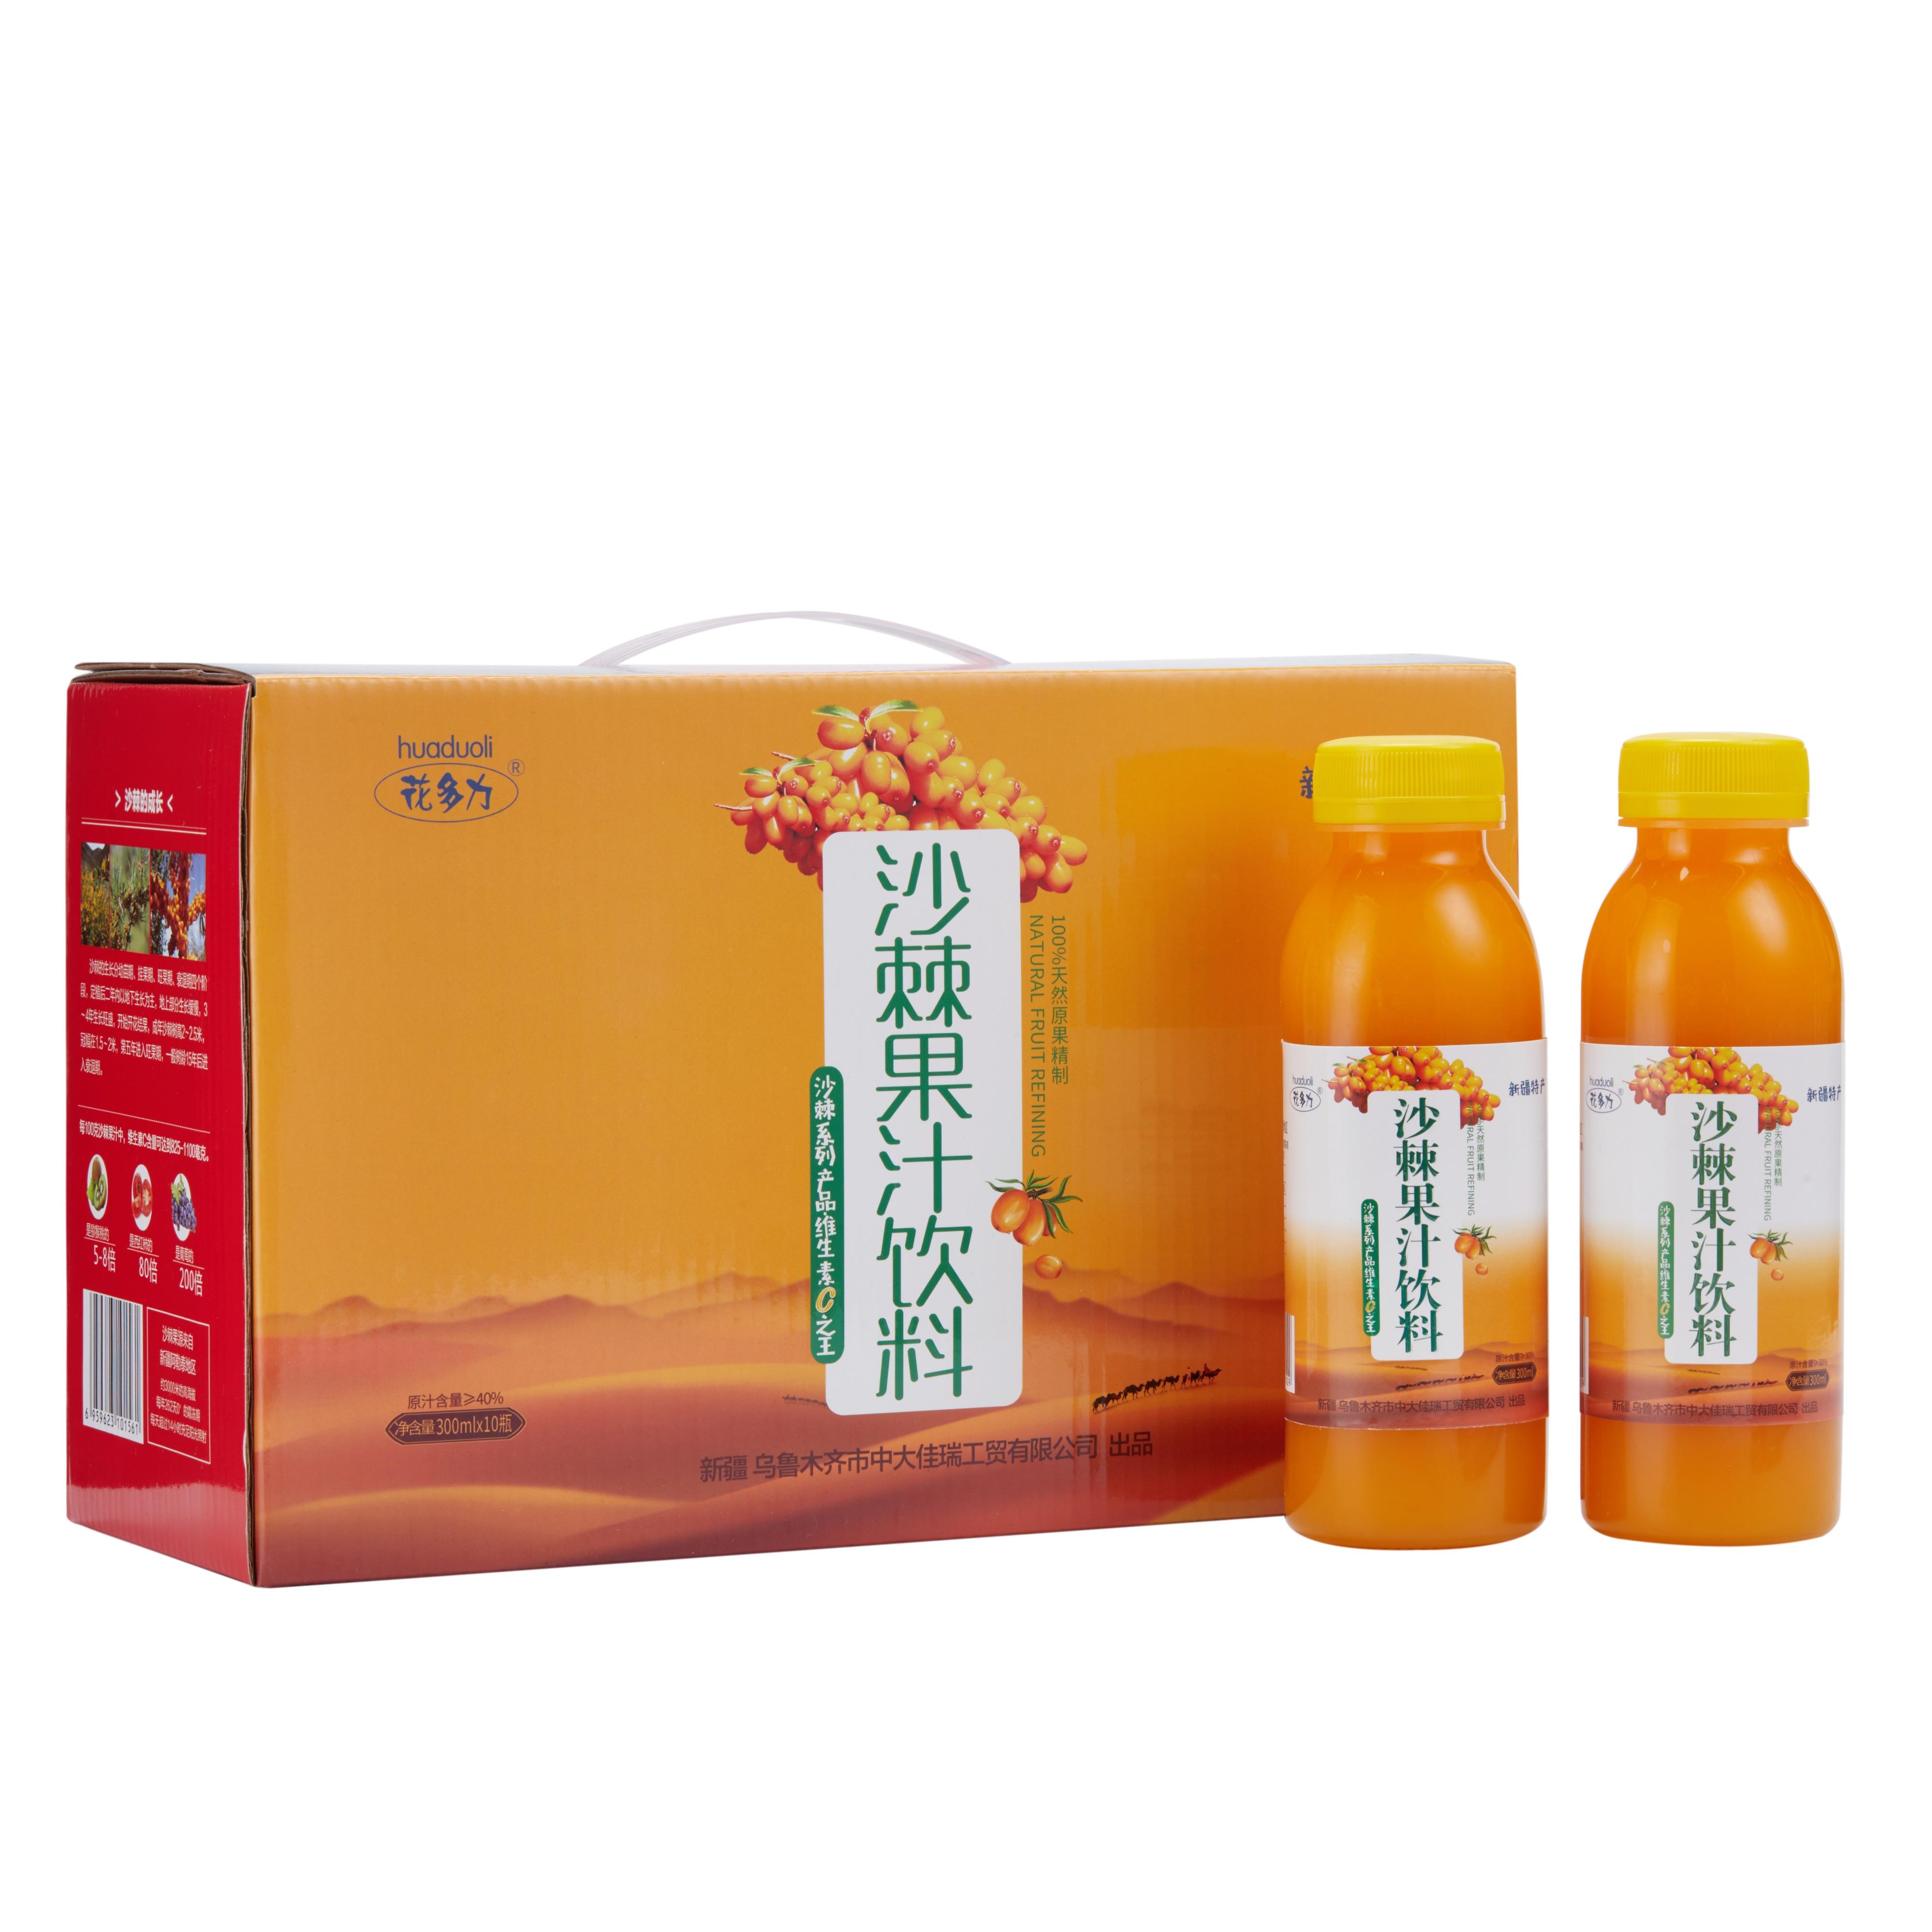 花多力新疆特产沙棘果汁饮料时尚美味一箱10瓶3000ml礼盒